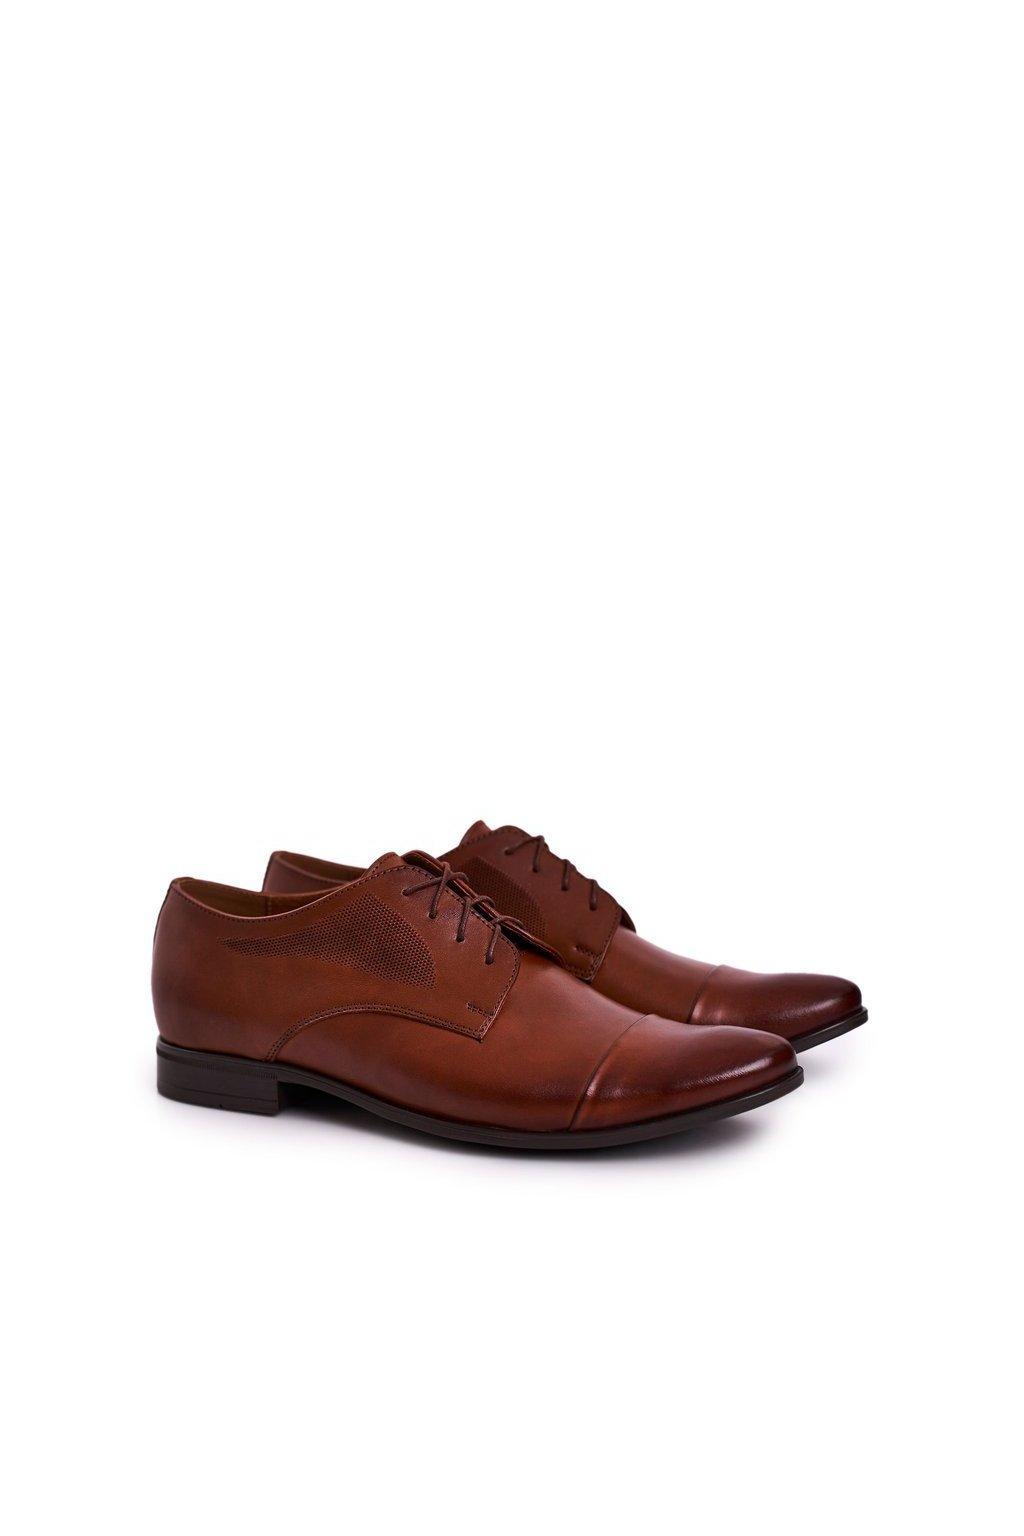 Pánske poltopánky farba hnedá kód obuvi 805 L.BROWN